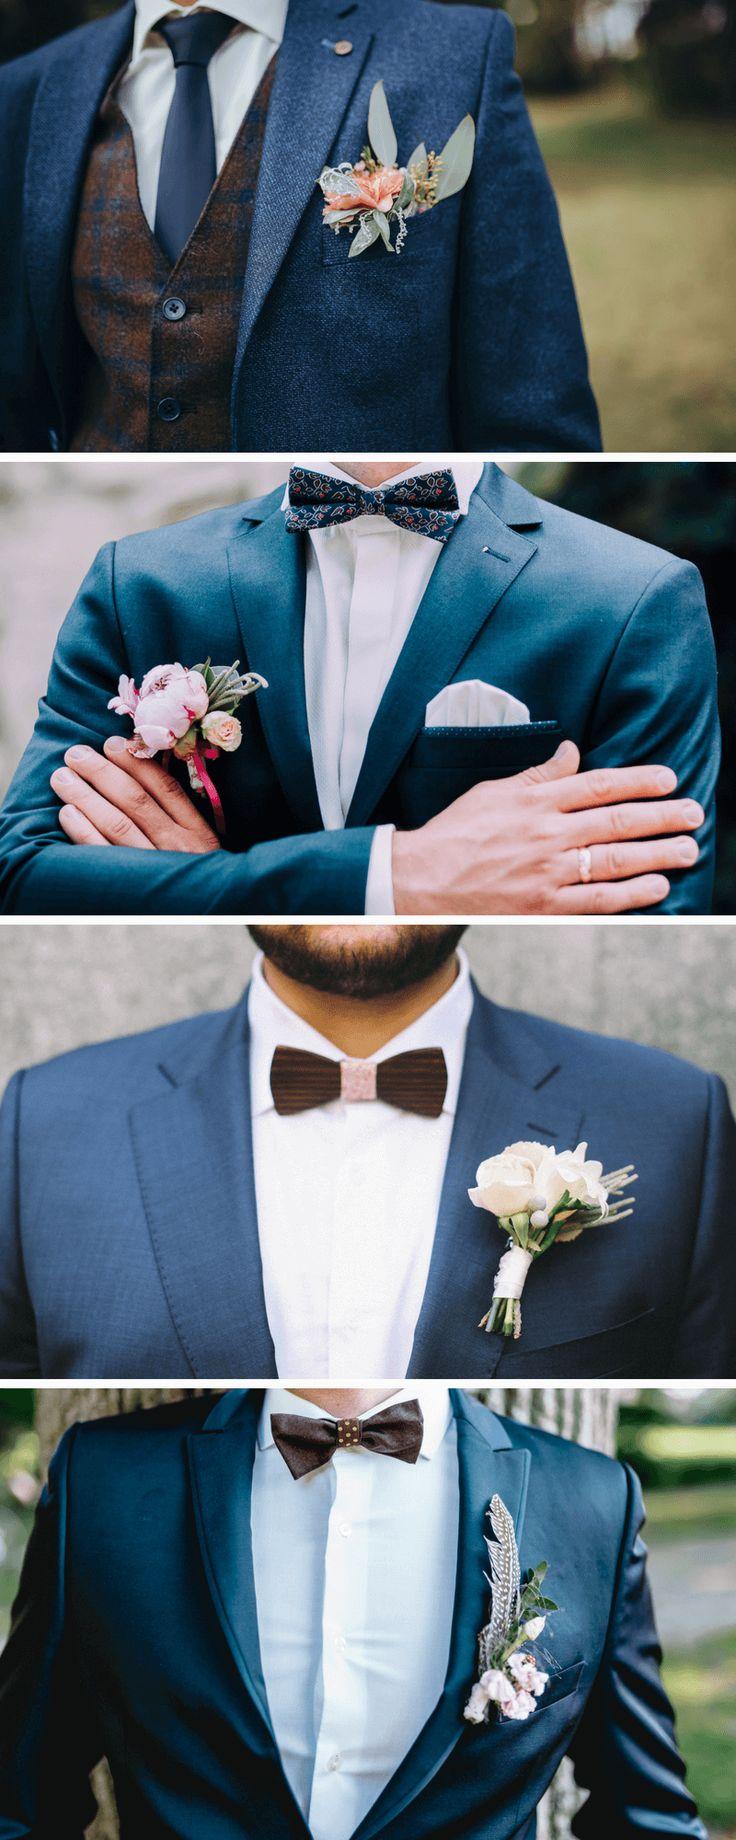 Bräutigam Outfit: Ideen und Trends für den Hochzeitsanzug – Hochzeitskiste